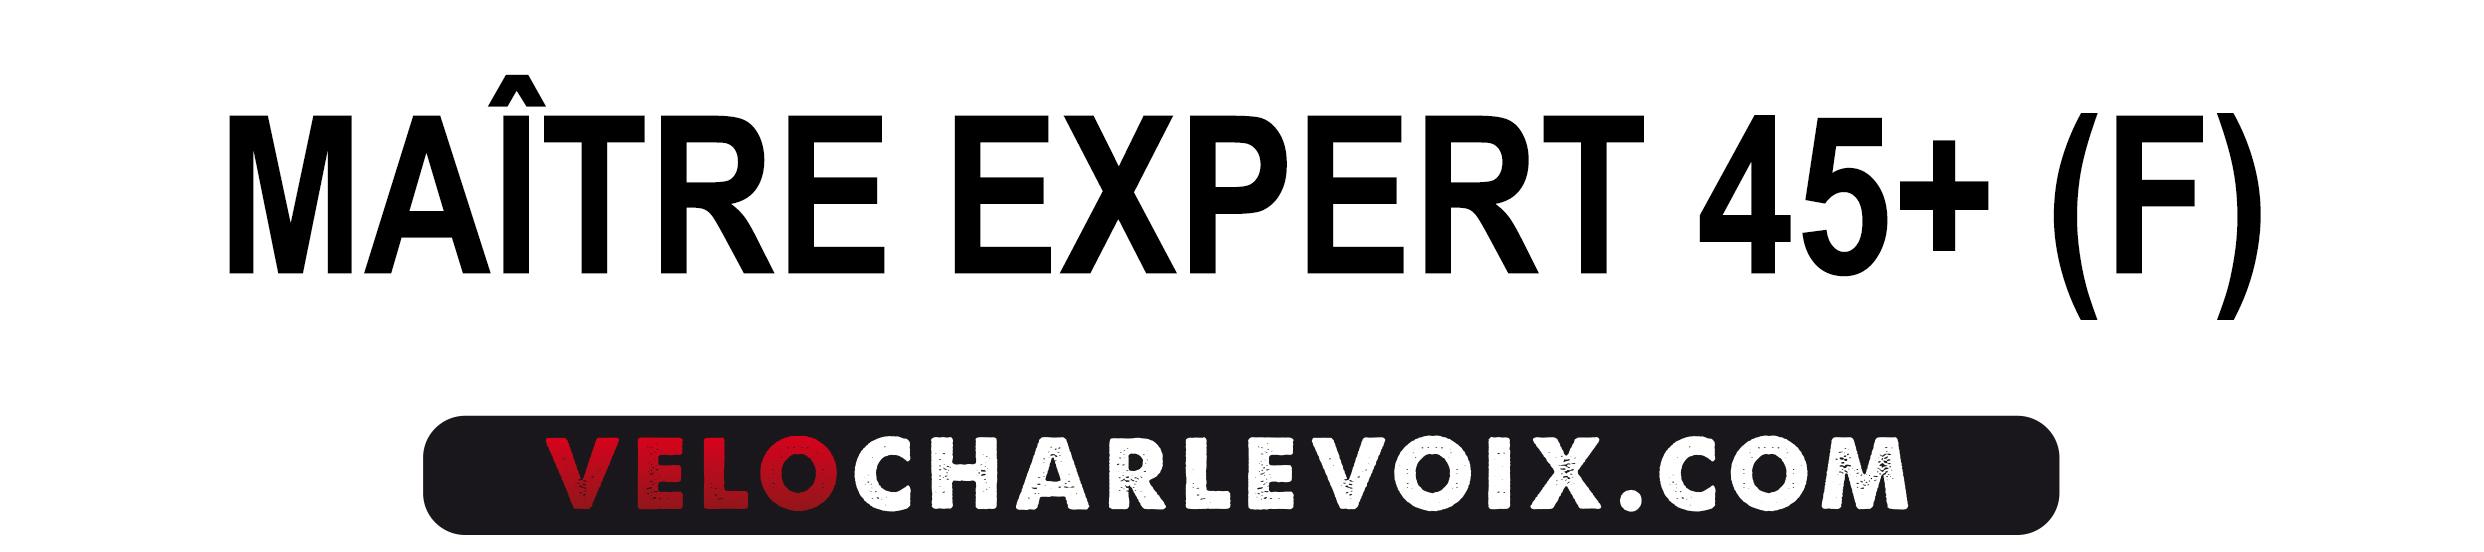 Categories Box Qc_Maitre expert 45 plus F